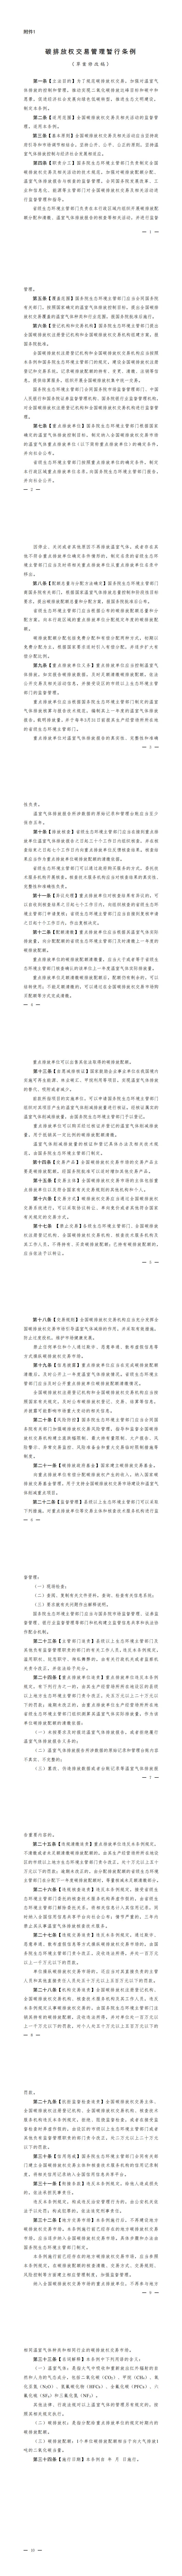 《碳排放权交易管理暂行条例(草案修改稿)》公开征求意见